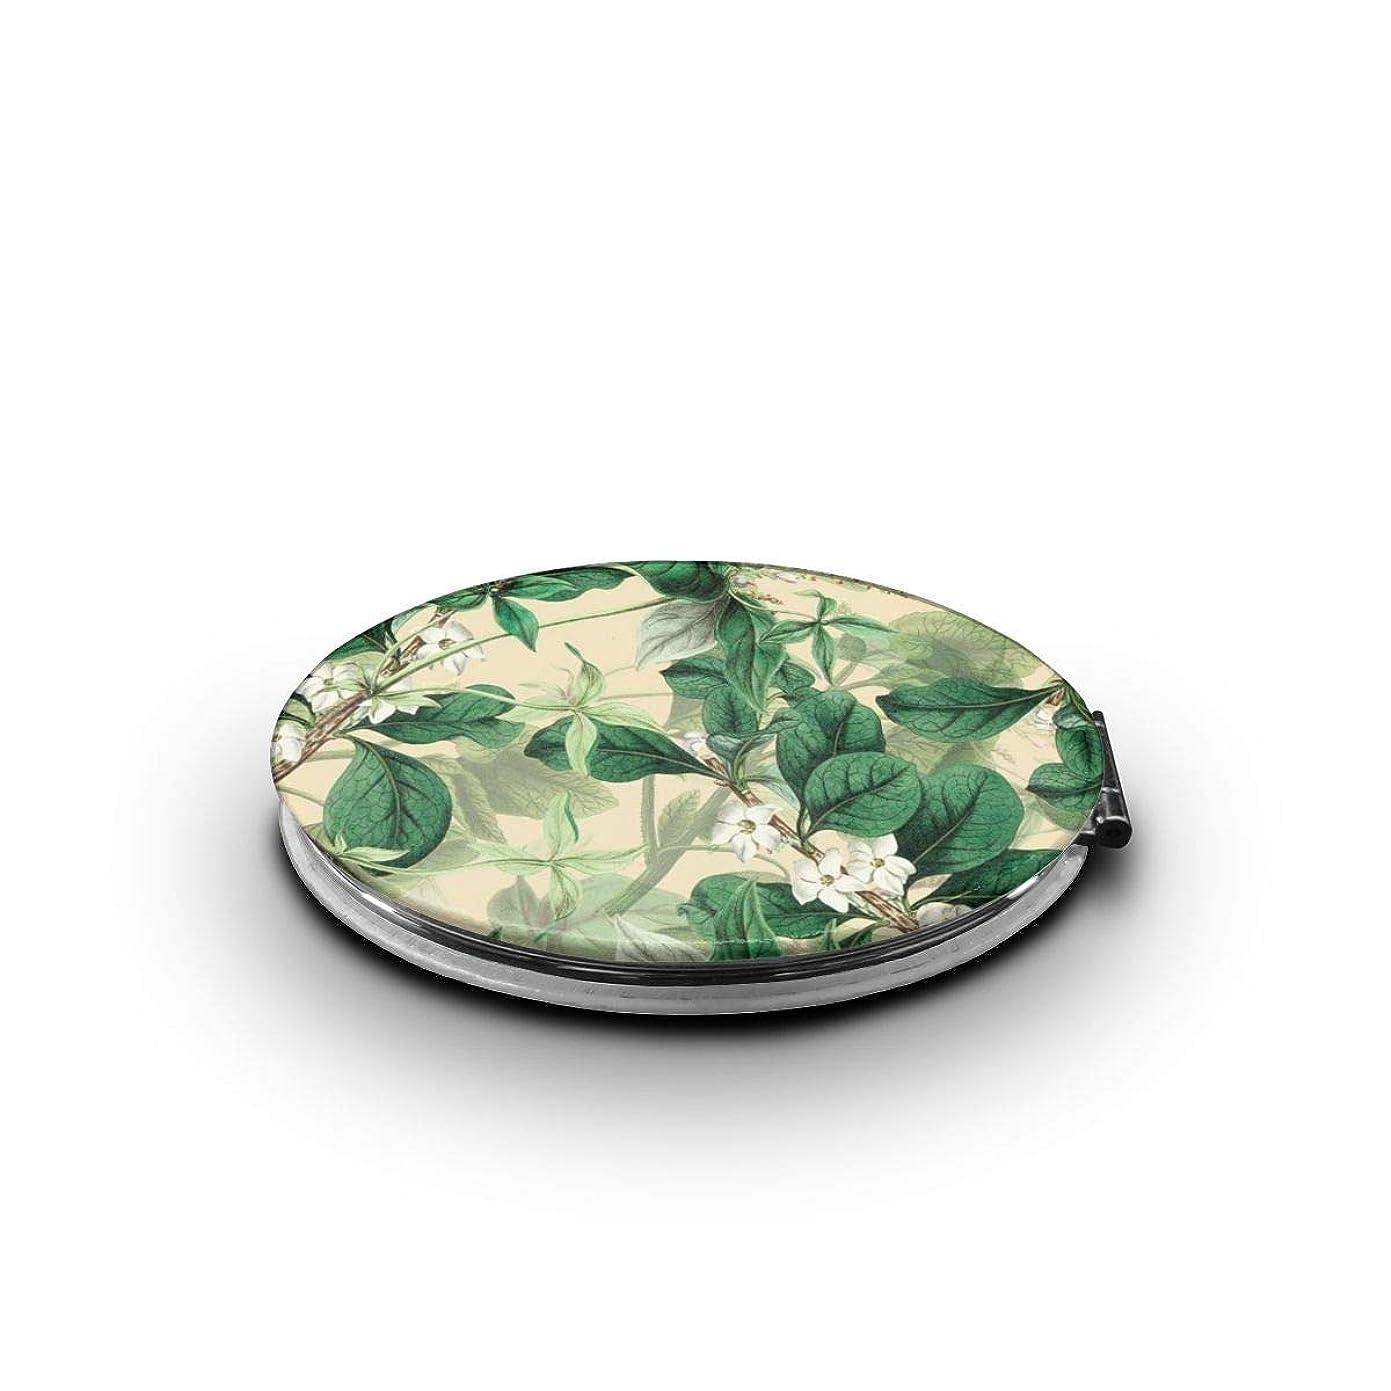 強調重荷減る化粧鏡 植物の葉 折りたたみ 自由 角度調整 180° 回転 女優ミラー 携帯用ミラー コンパクトコンパクト ミラー